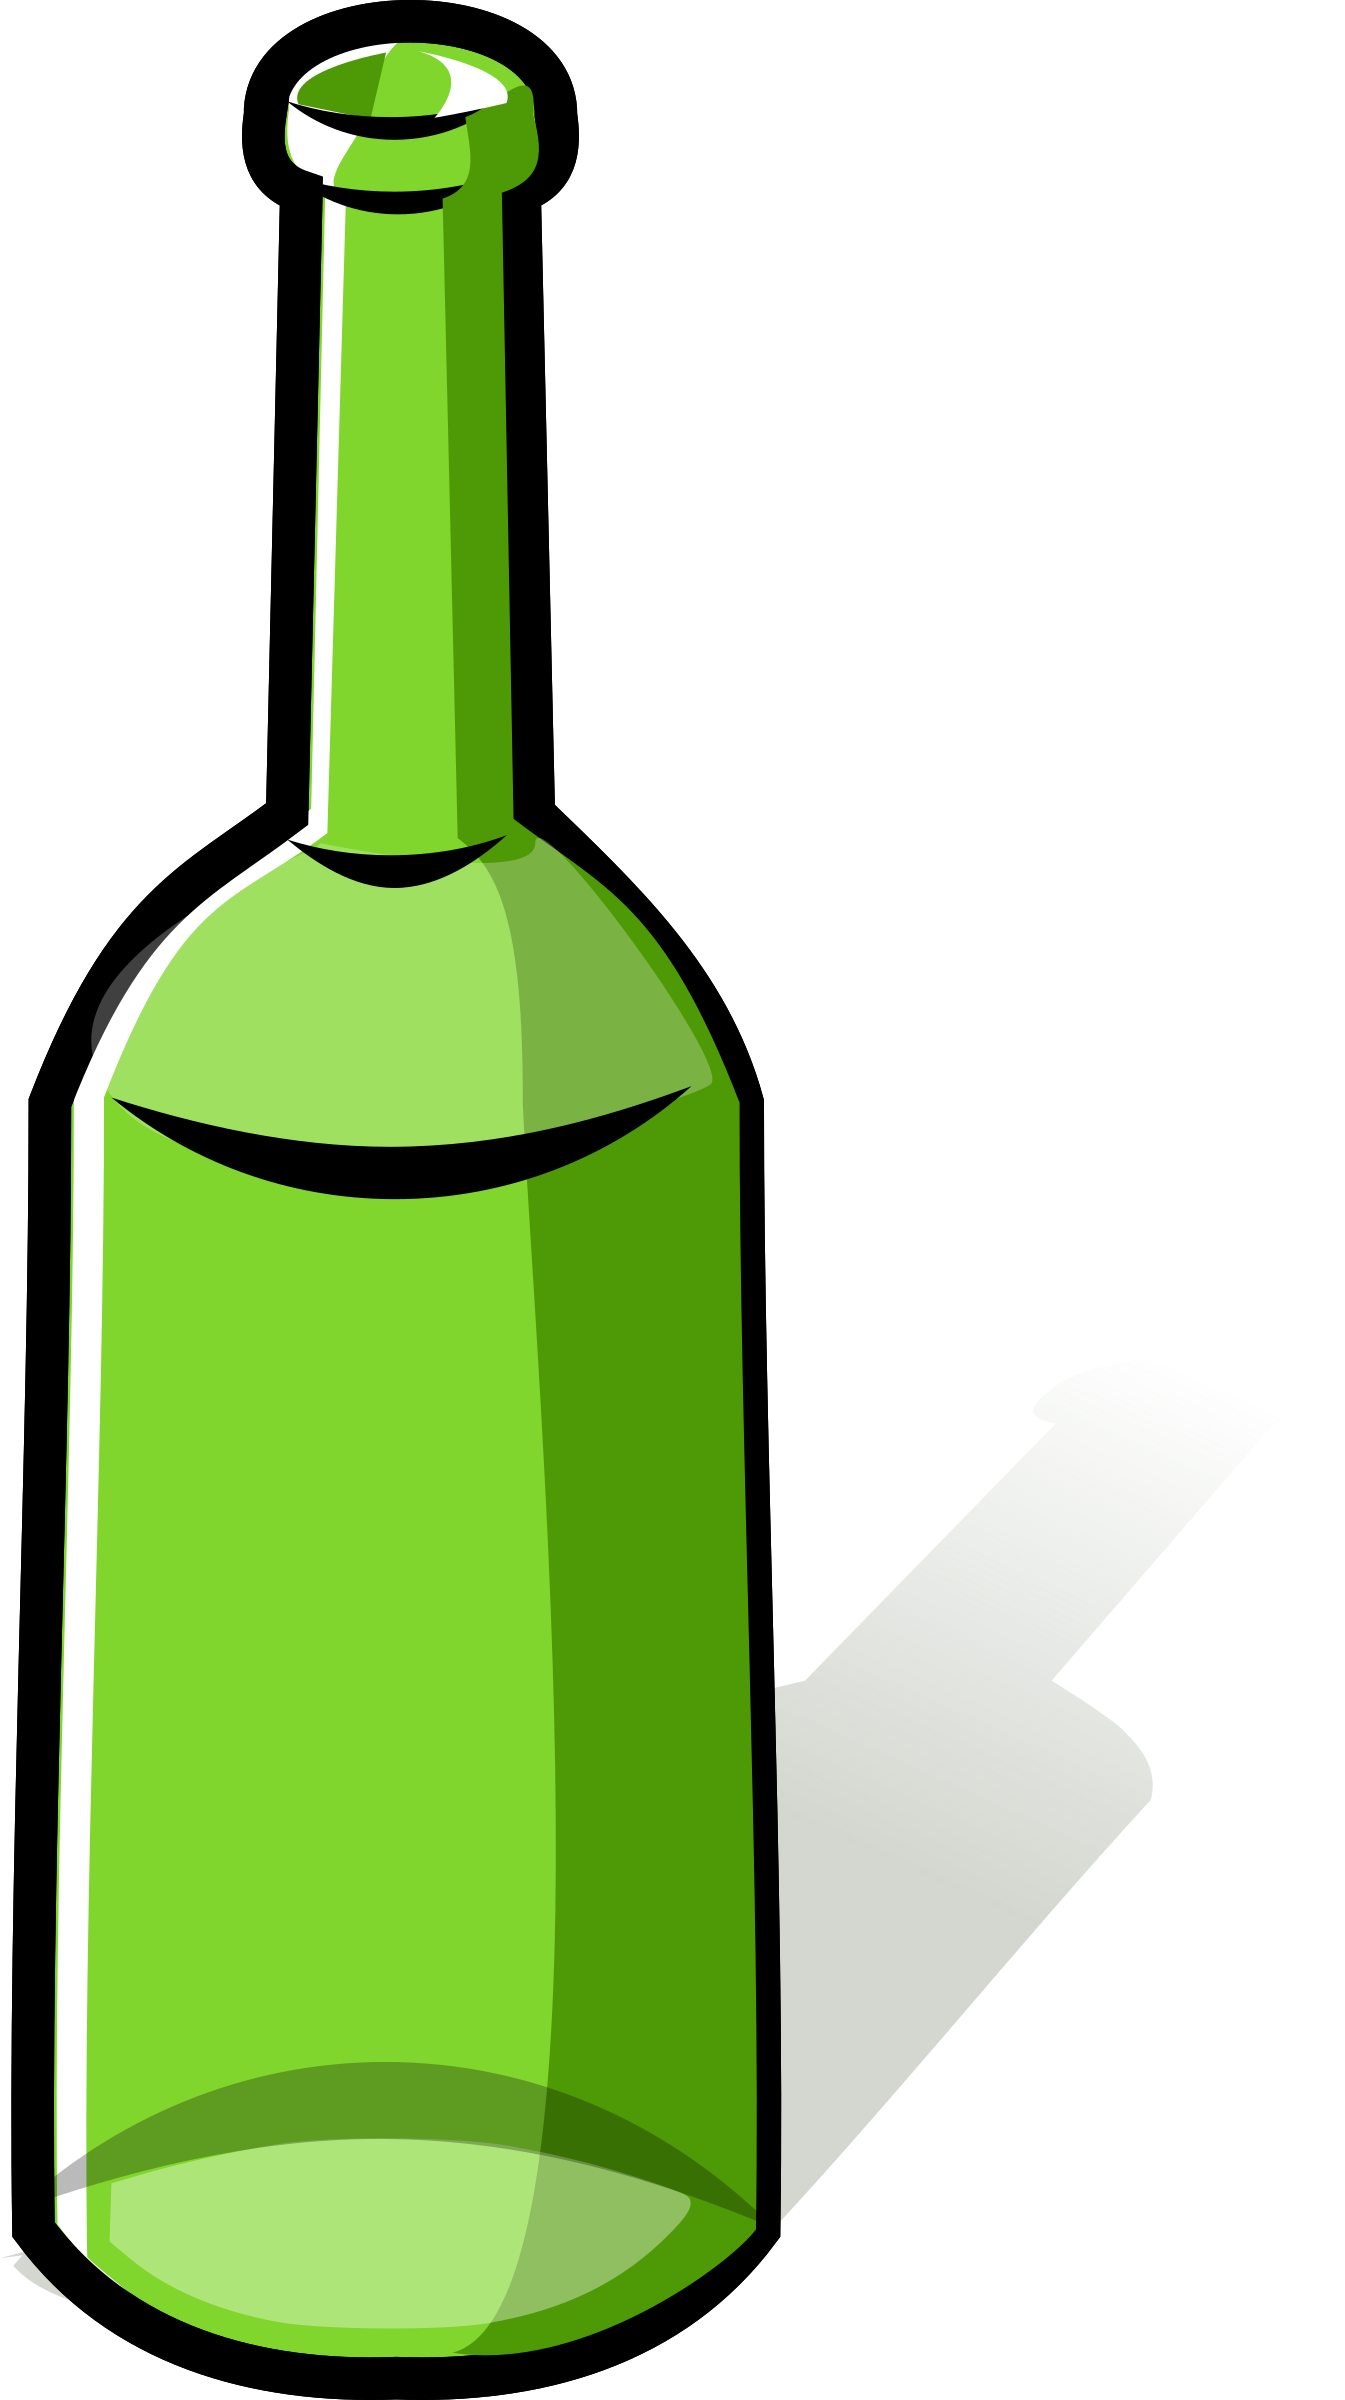 Green big image. Beer bottle clipart png